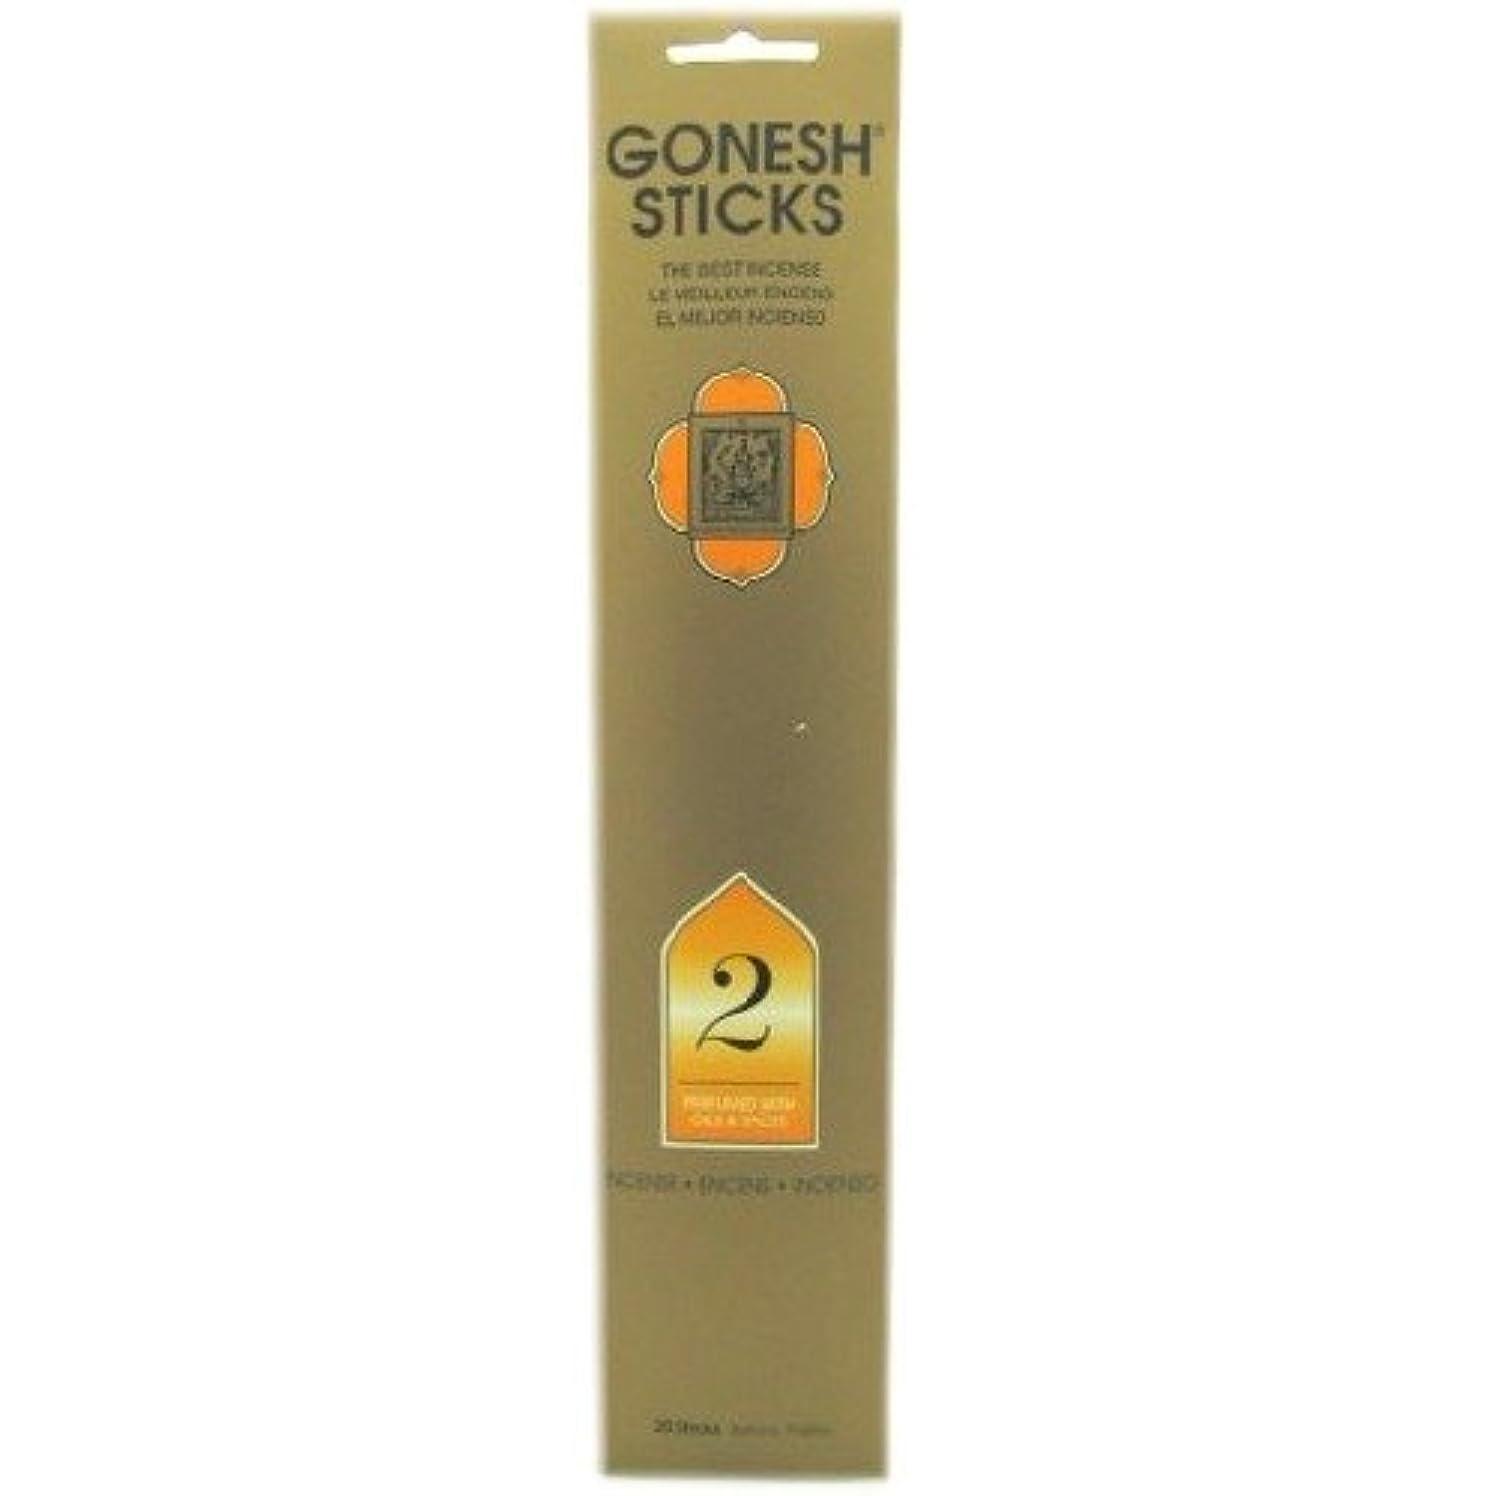 どちらも中で有効化ガーネッシュ インセンス スティック No.2 OILS&SPICES(20本入) 癒し用品 お香 お香 タイプ別 [並行輸入品] k1-78612201023-ak